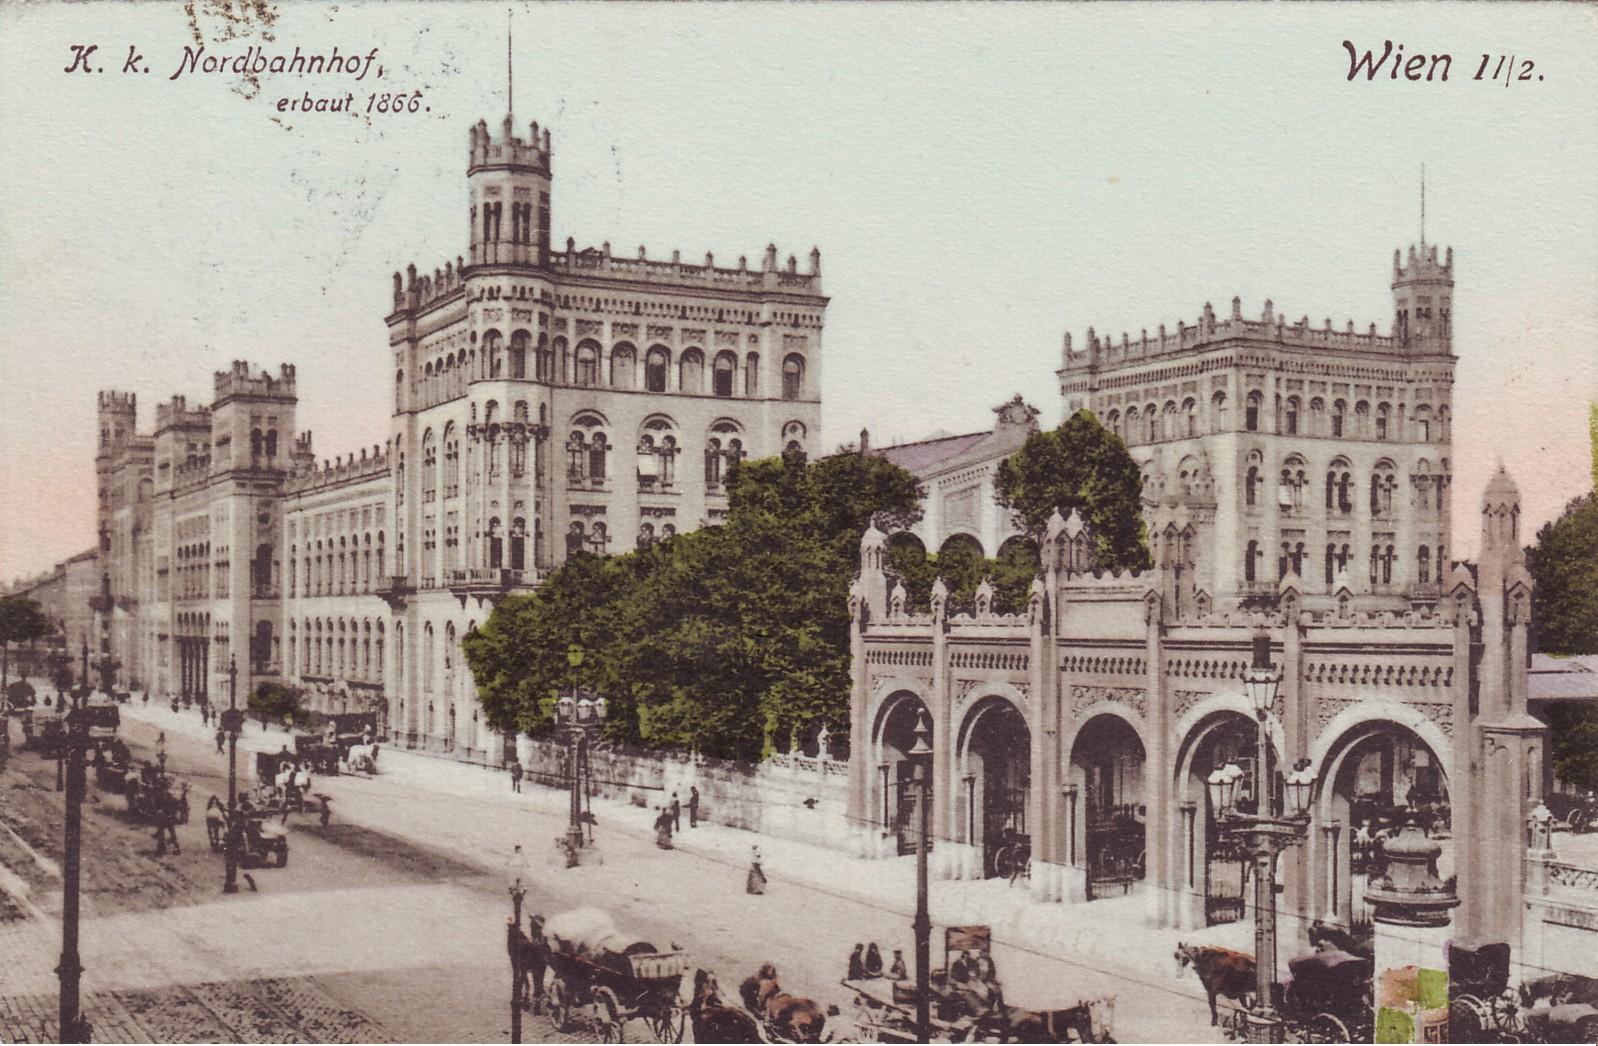 Hotel Wien Sudbahnhof